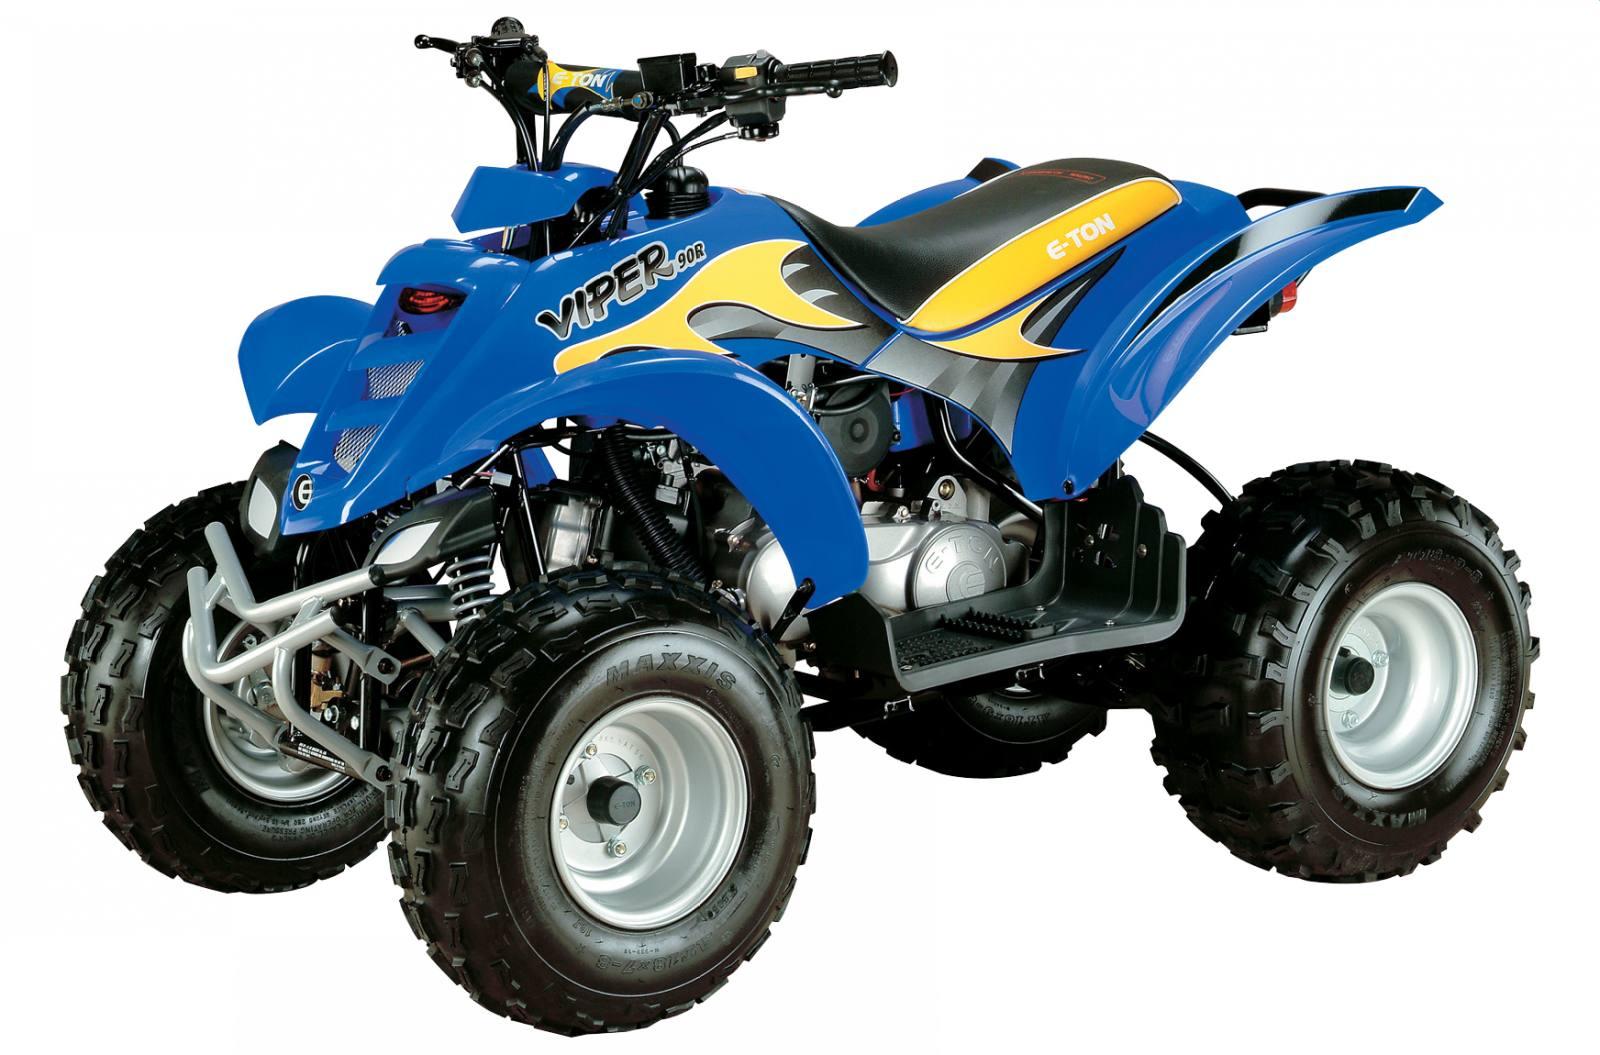 Blue - Viper 90R Model Shown